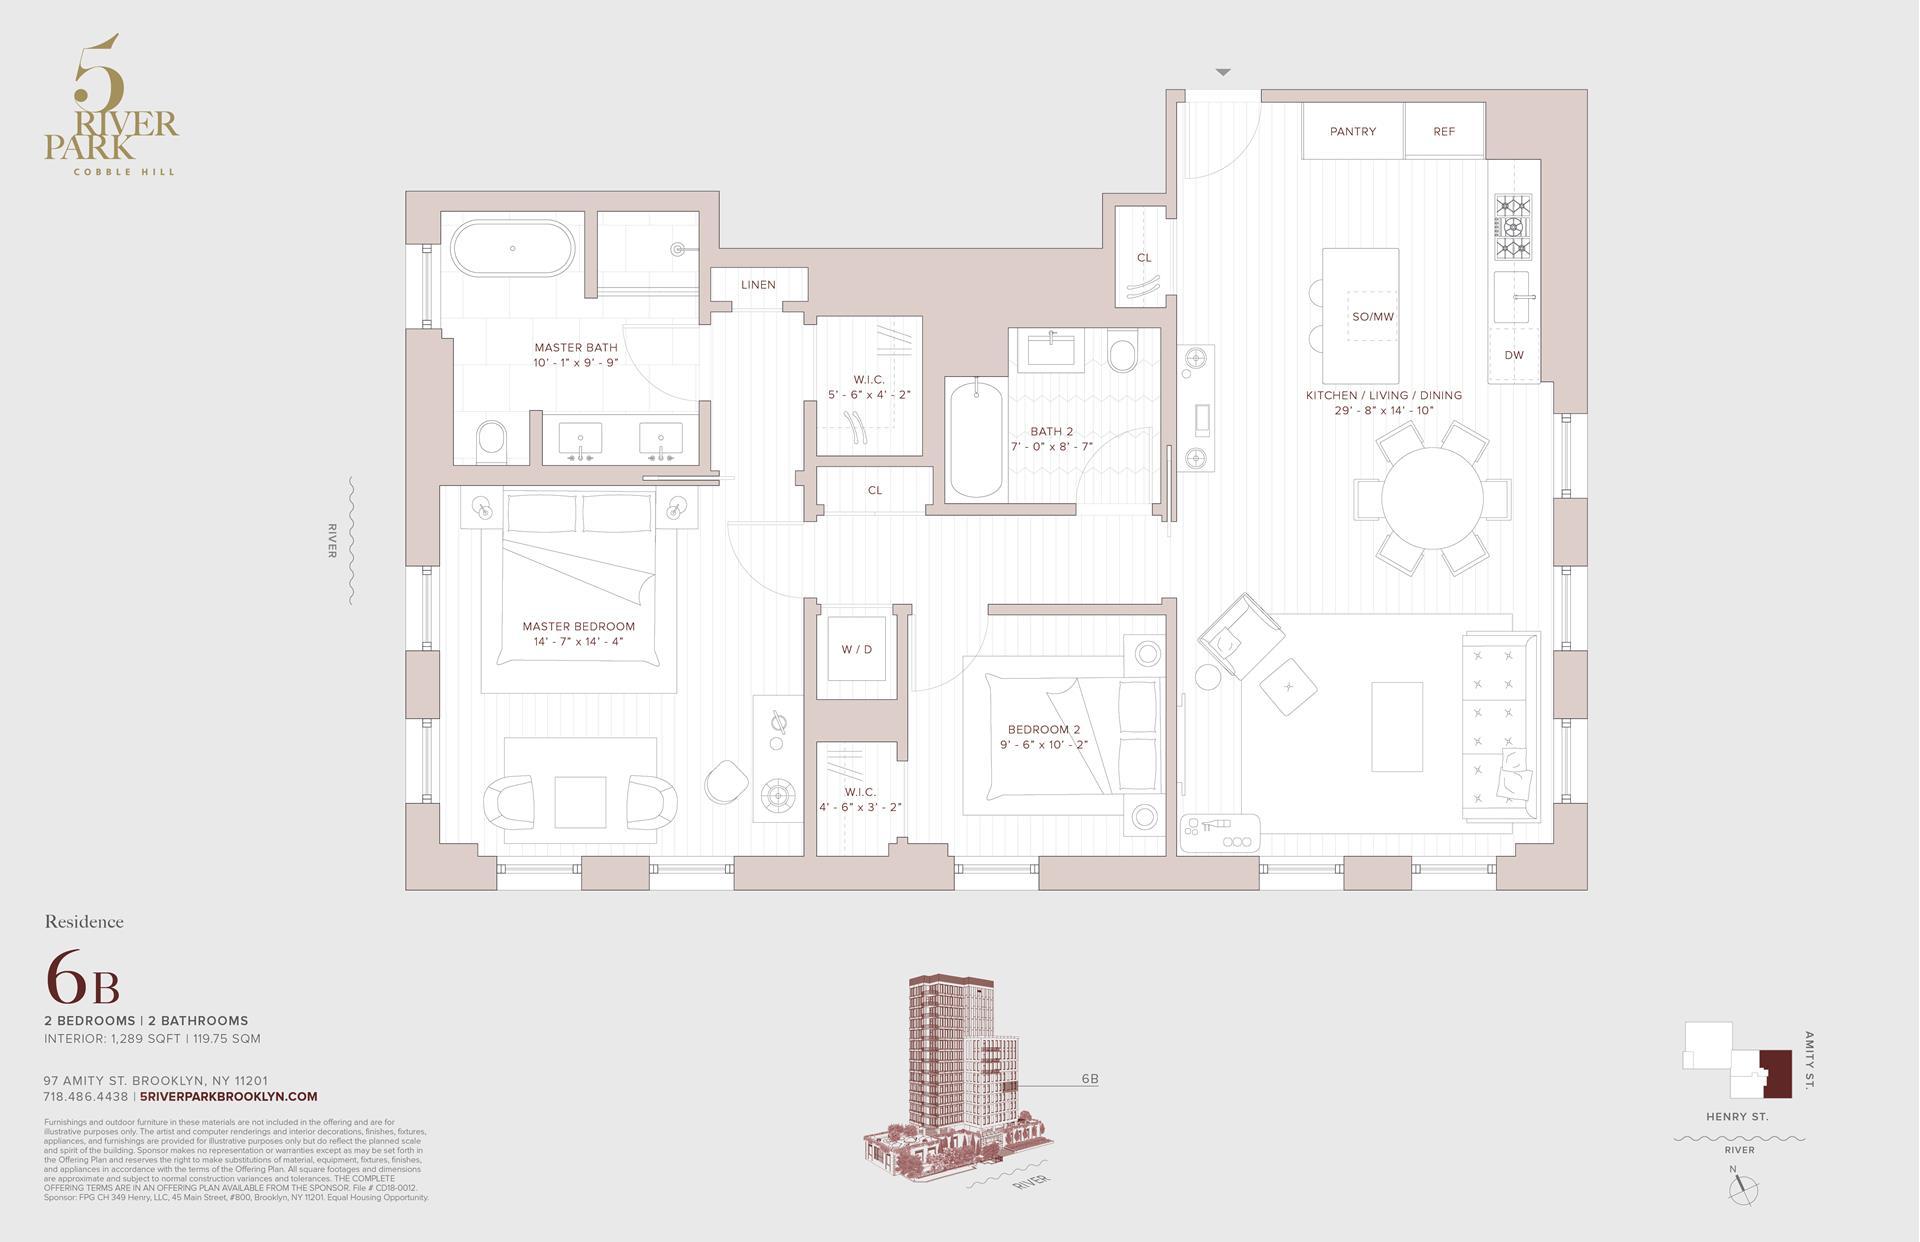 Floor plan of 5 River Park, 347 Henry Street, 6B - Cobble Hill, New York